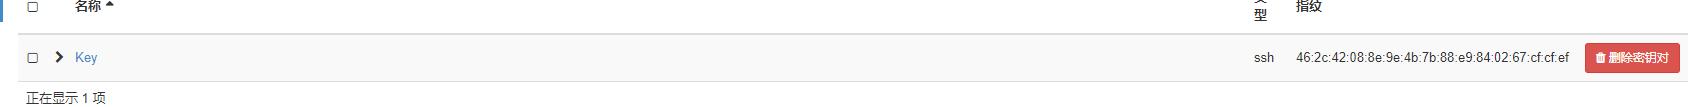 搭建Openstack开源云计算平台插图274